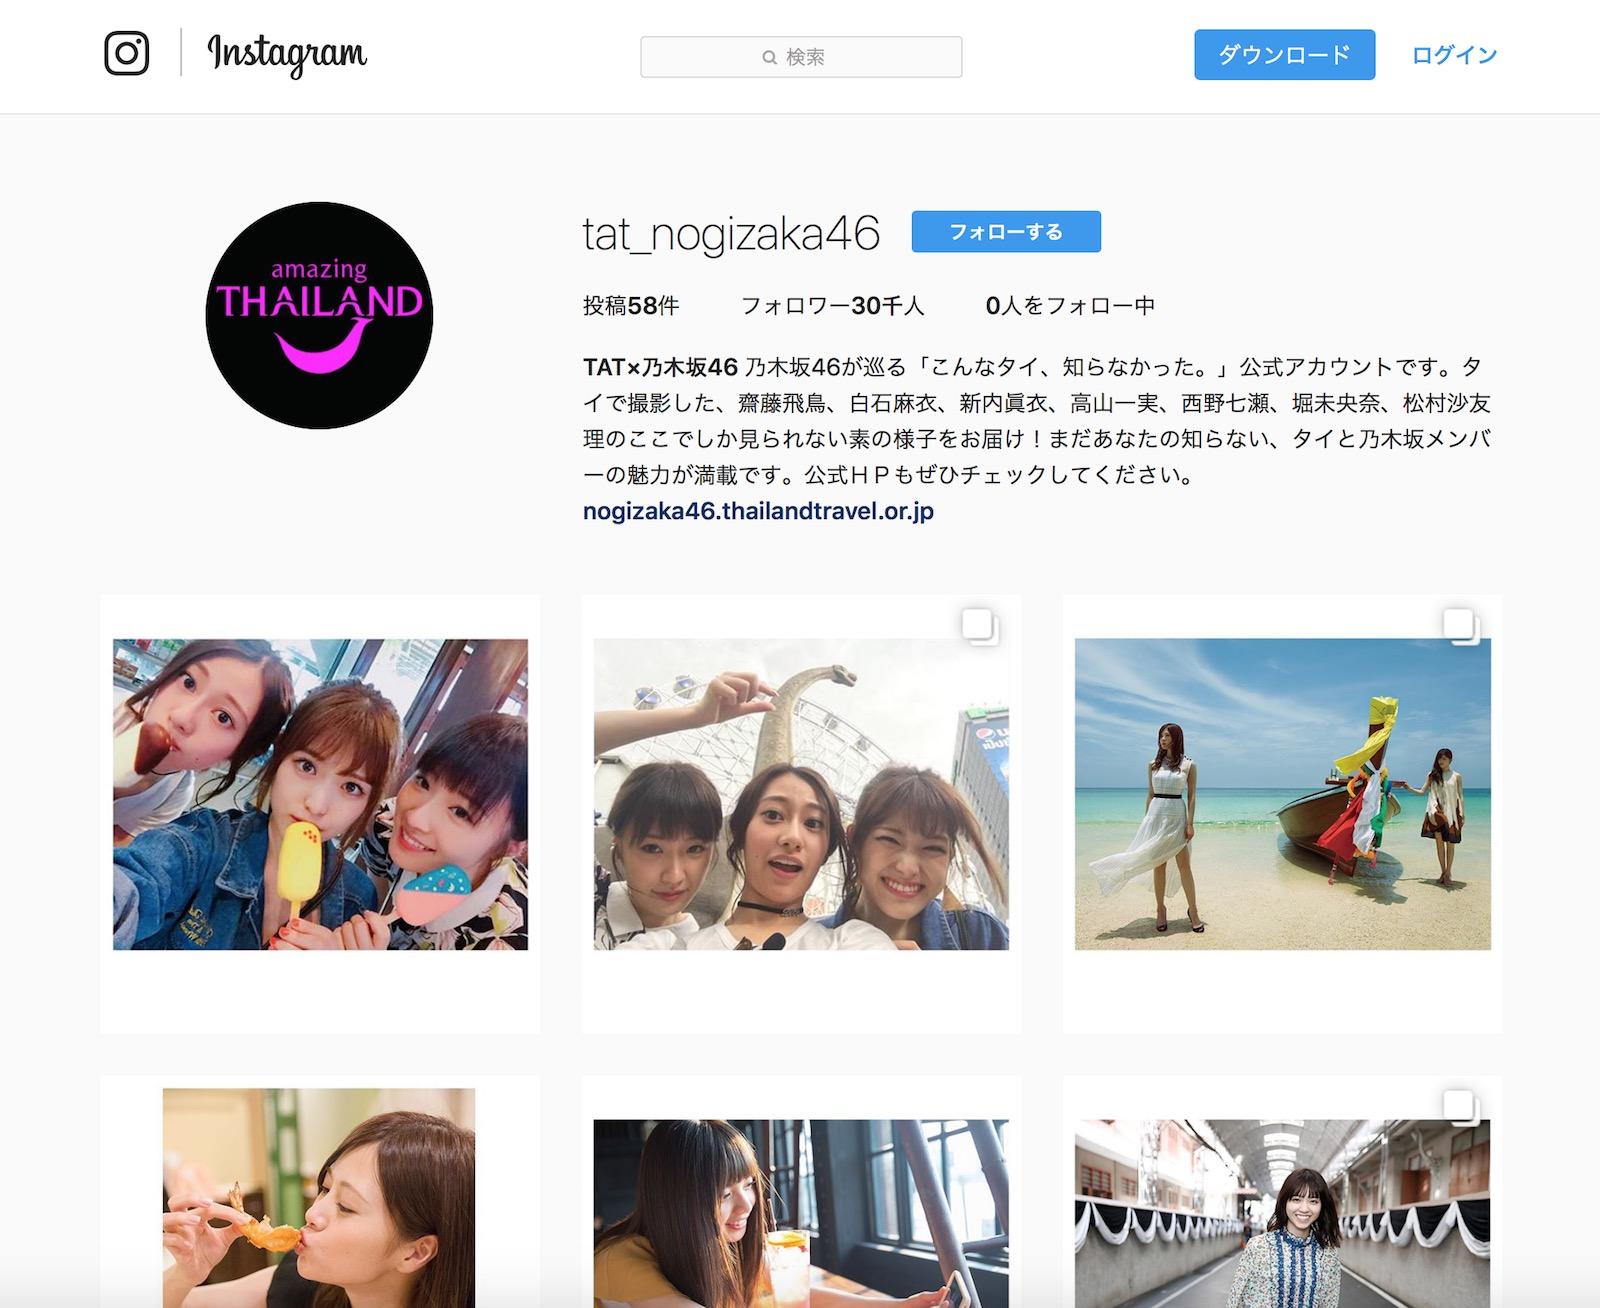 乃木坂46が巡る「こんなタイ、知らなかった。」公式Instagramアカウント